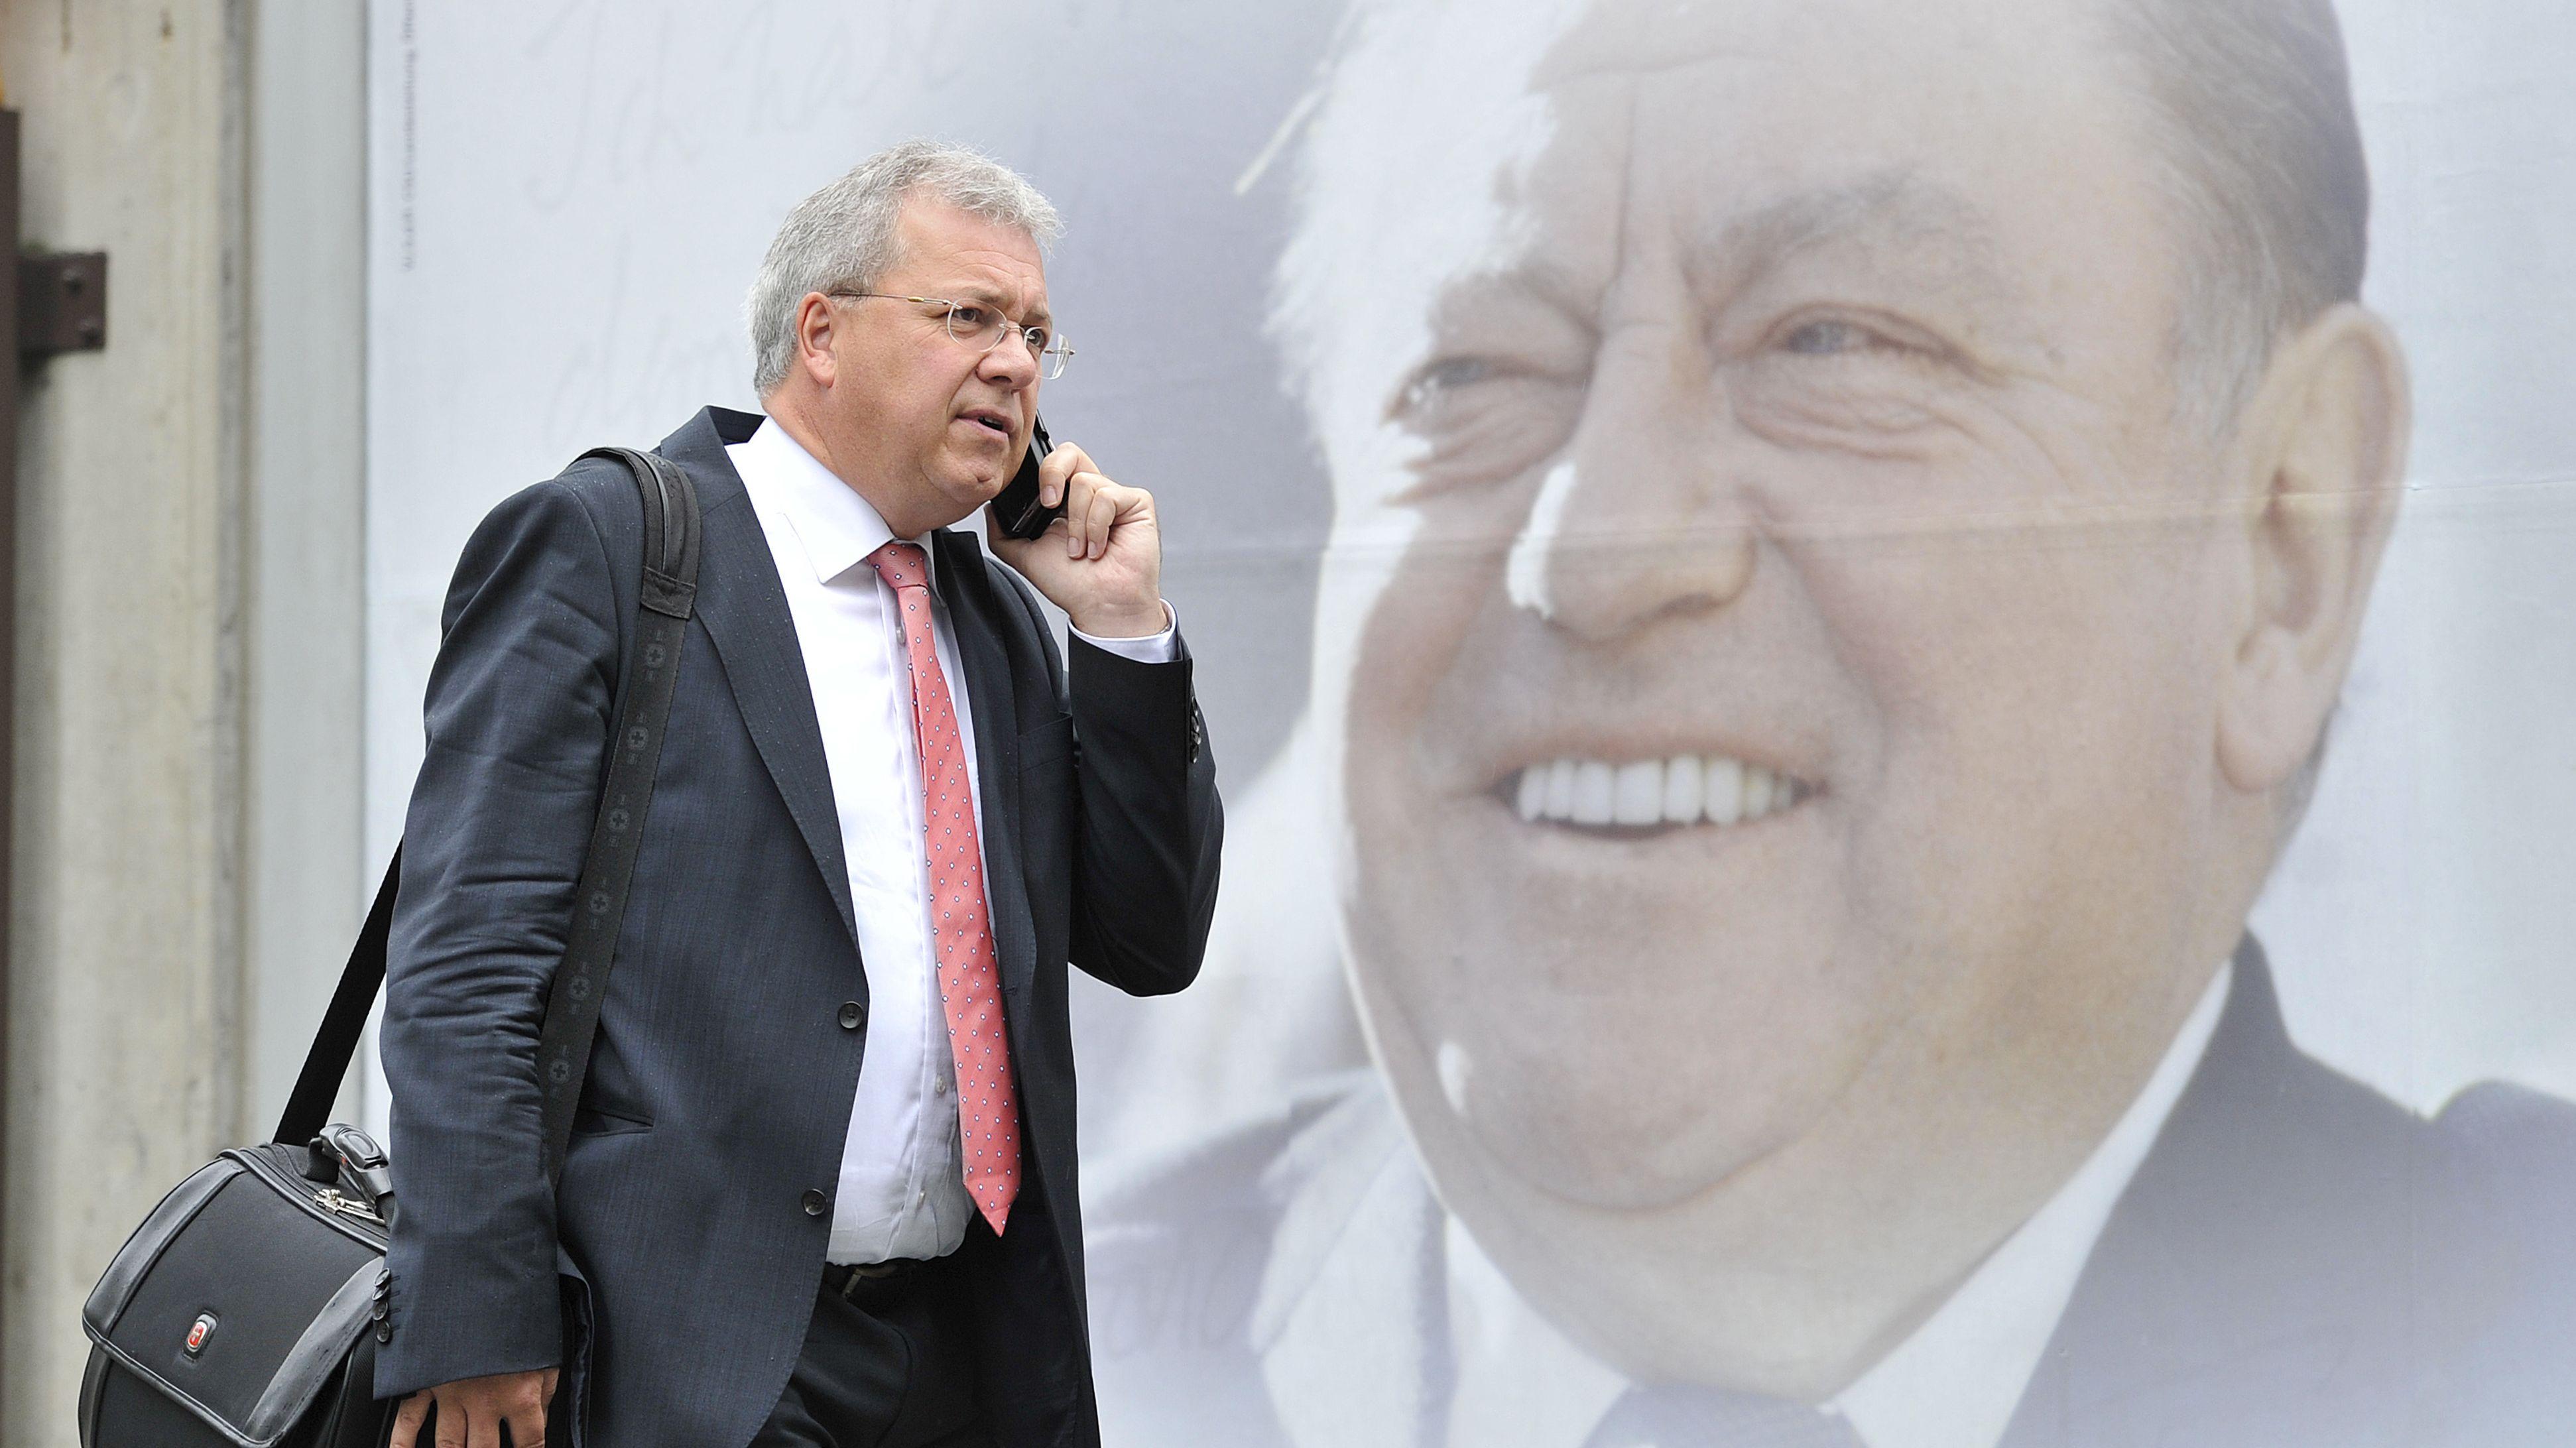 Archivbild: Der CSU-Europaabgeordnete Markus Ferber